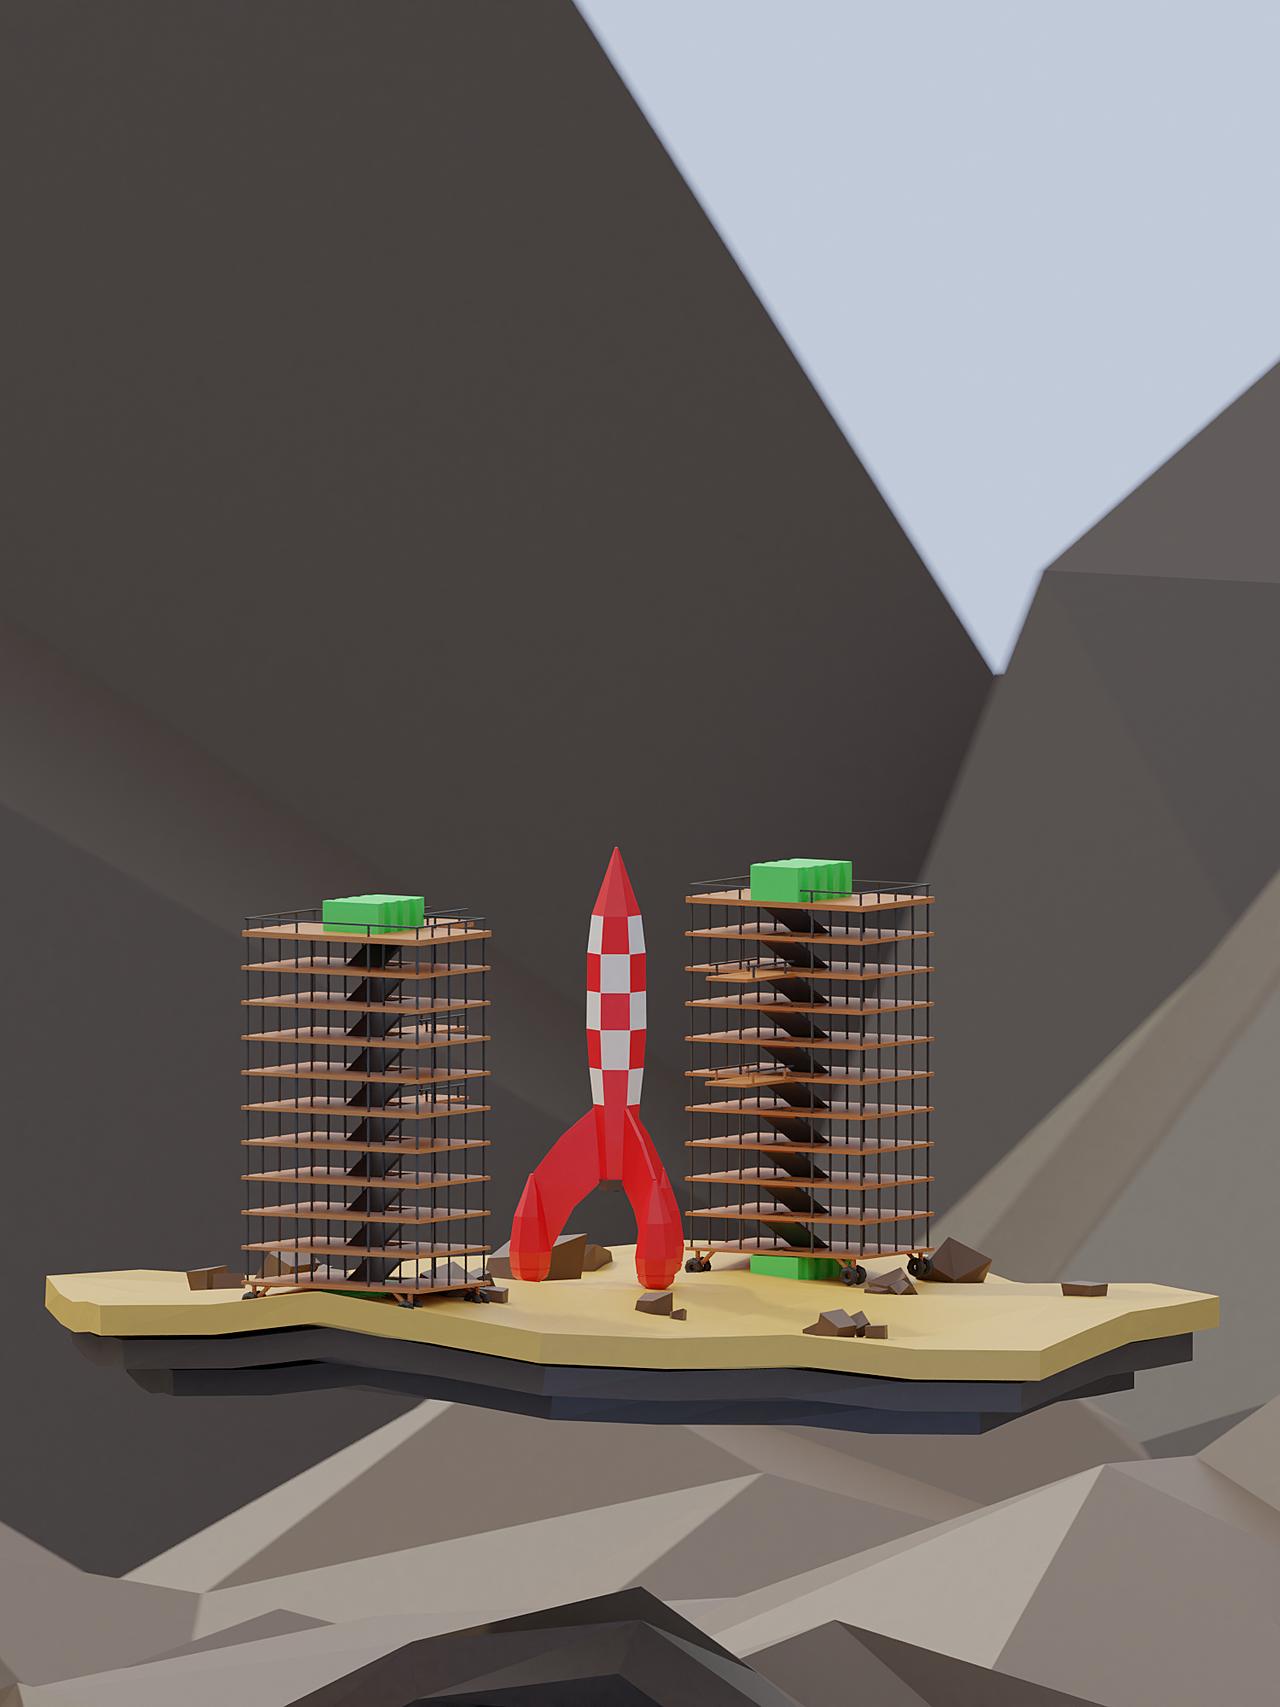 Belgian Low Poly Rocket